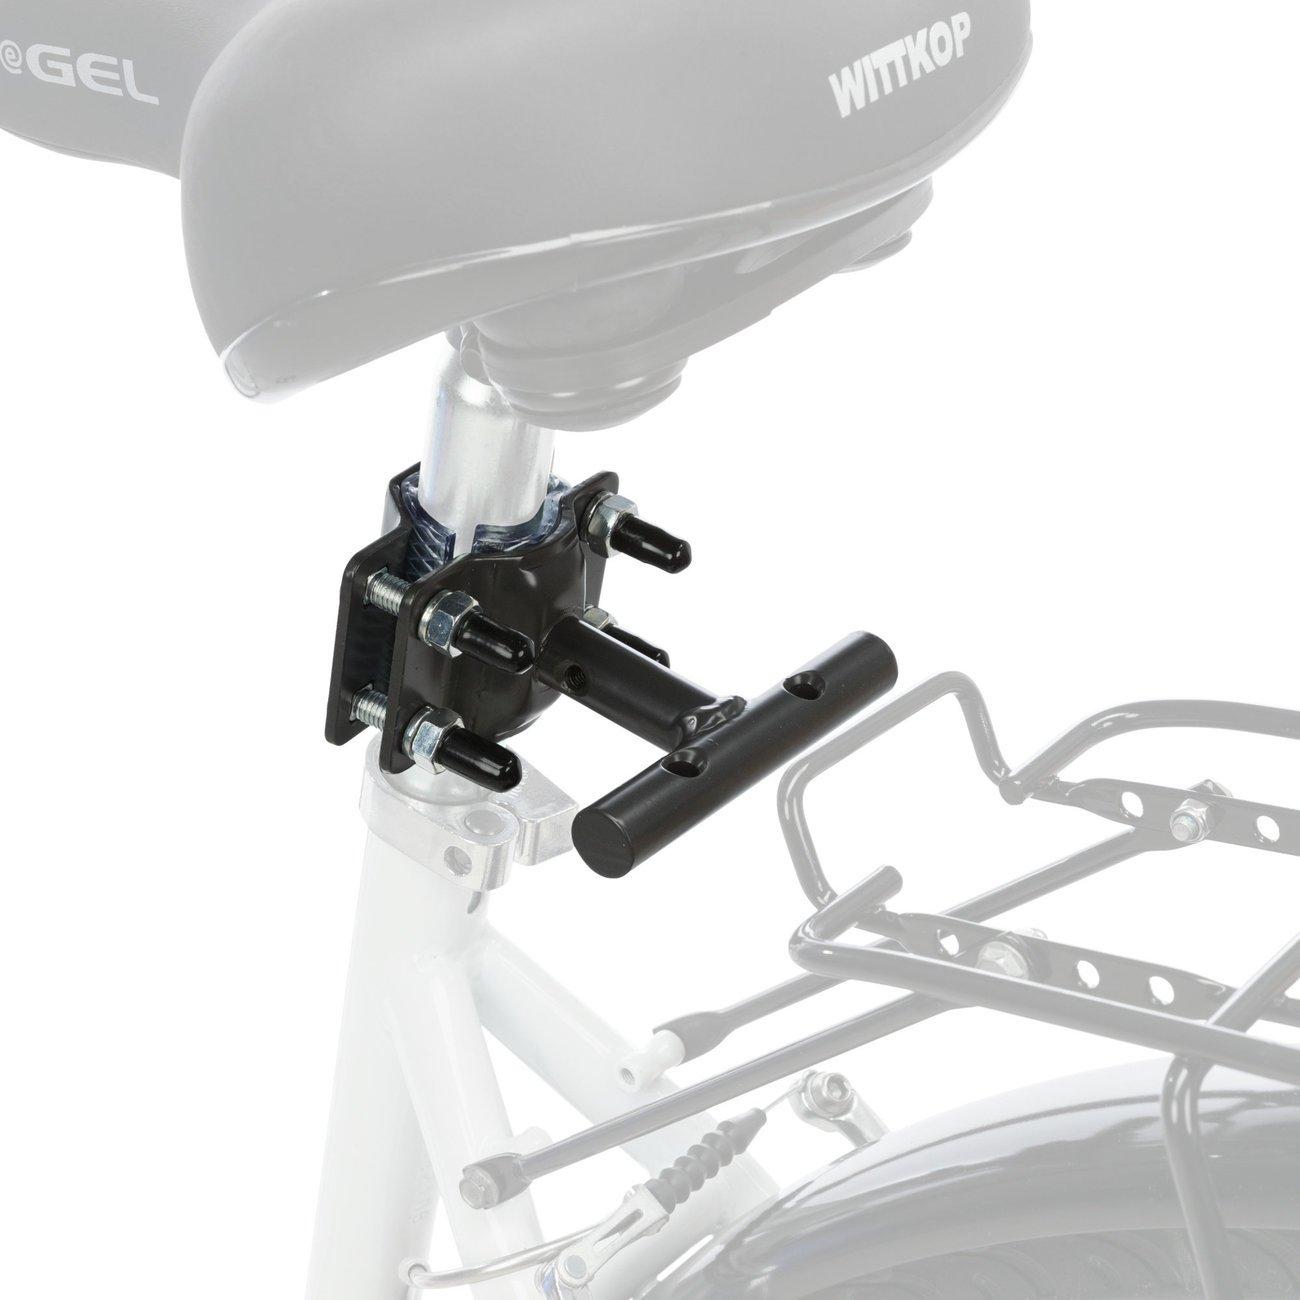 Biker-Set Hunde Abstandhalter für Fahrräder Bild 22